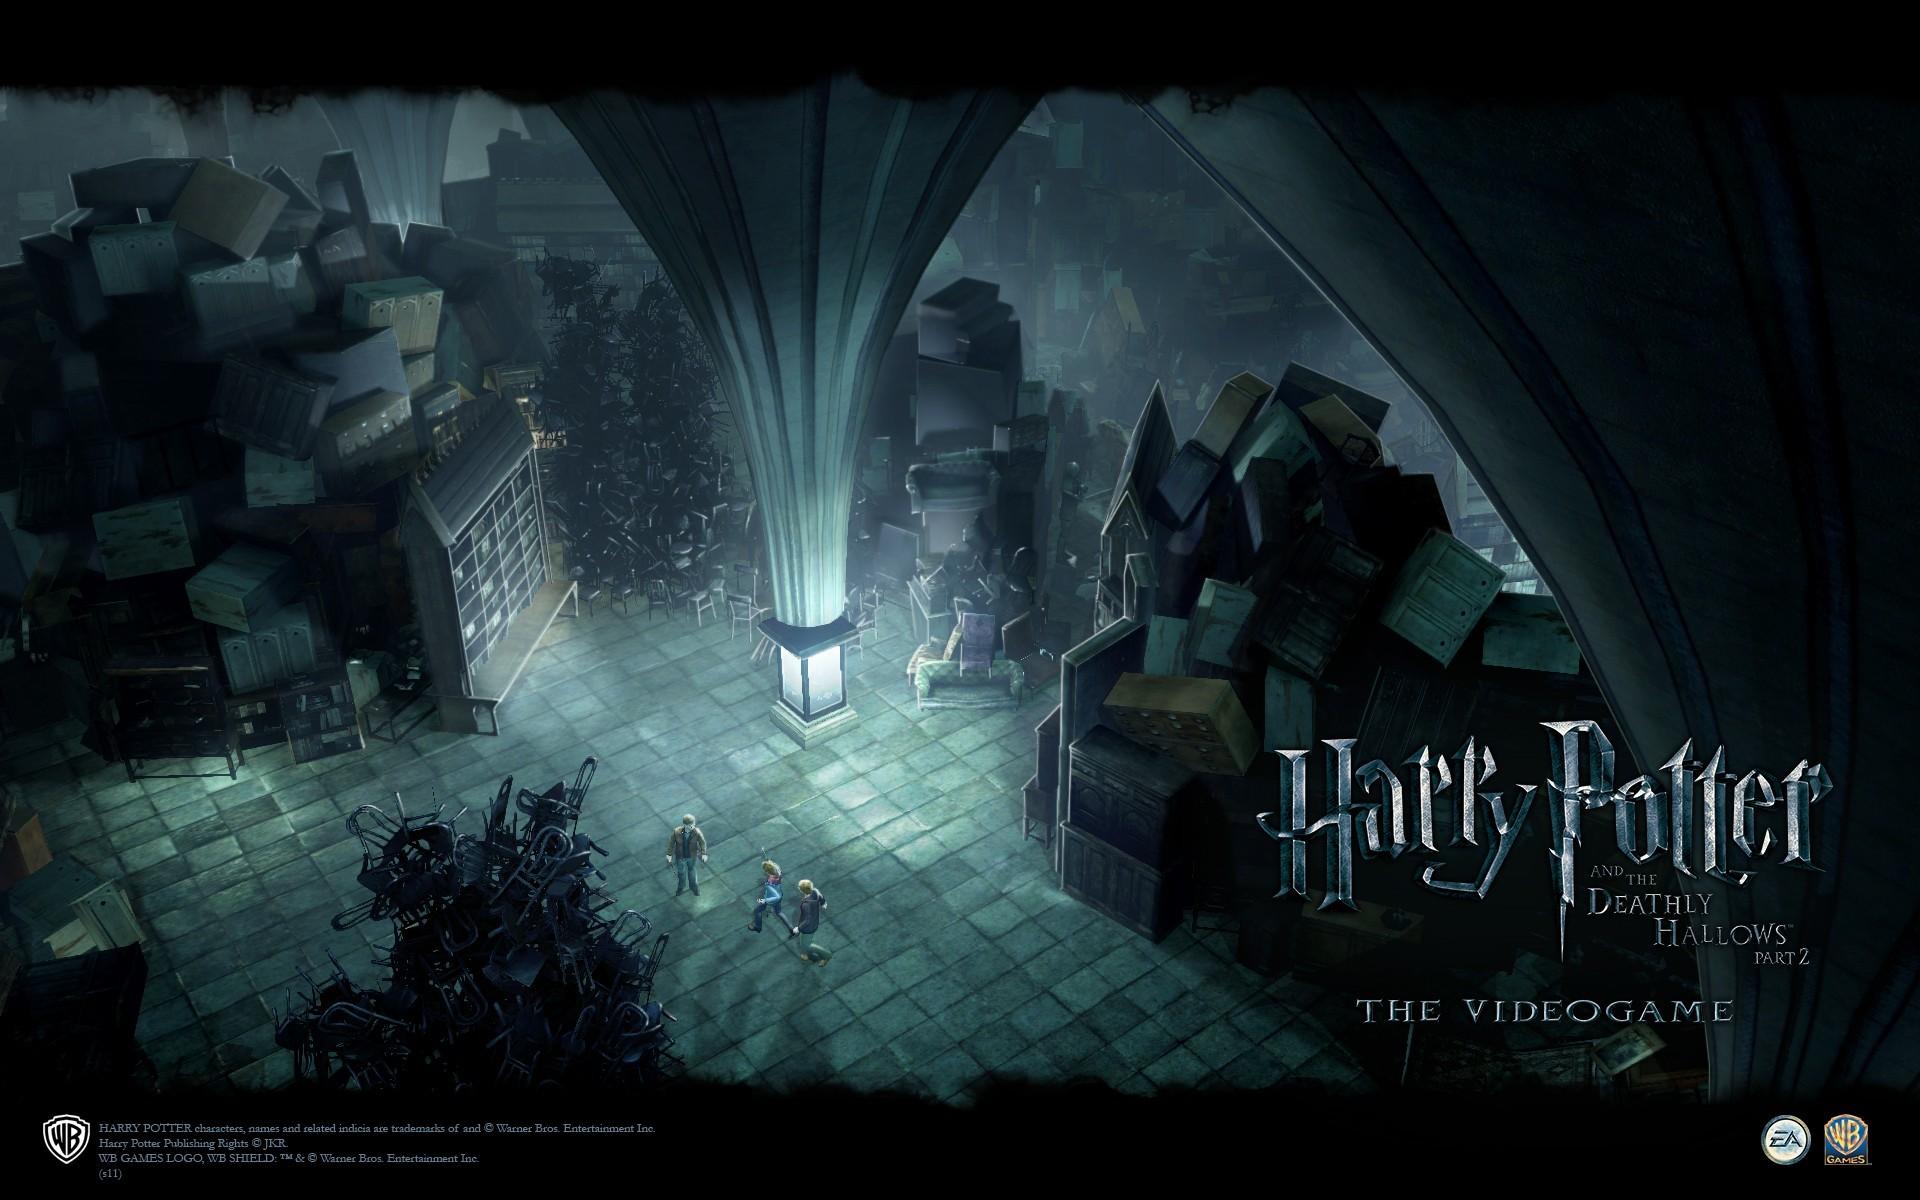 Harry Potter Wallpaper for Desktop 72 images